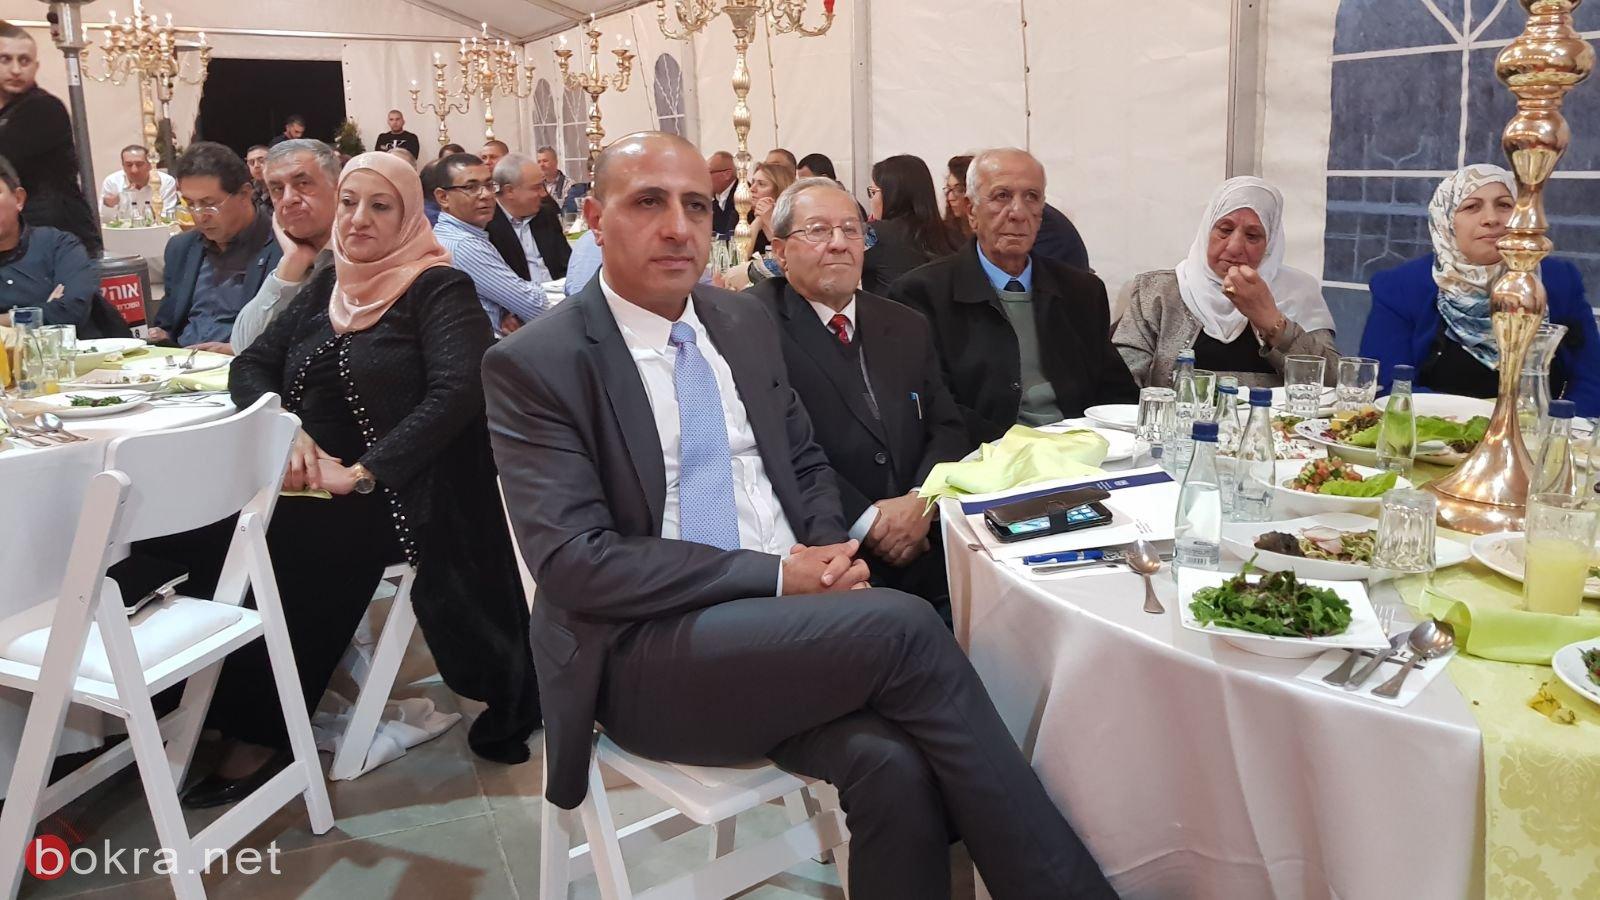 تكريم خاص لايمن سيف واعلان تمديد وظيفته ل ٣ اشهر